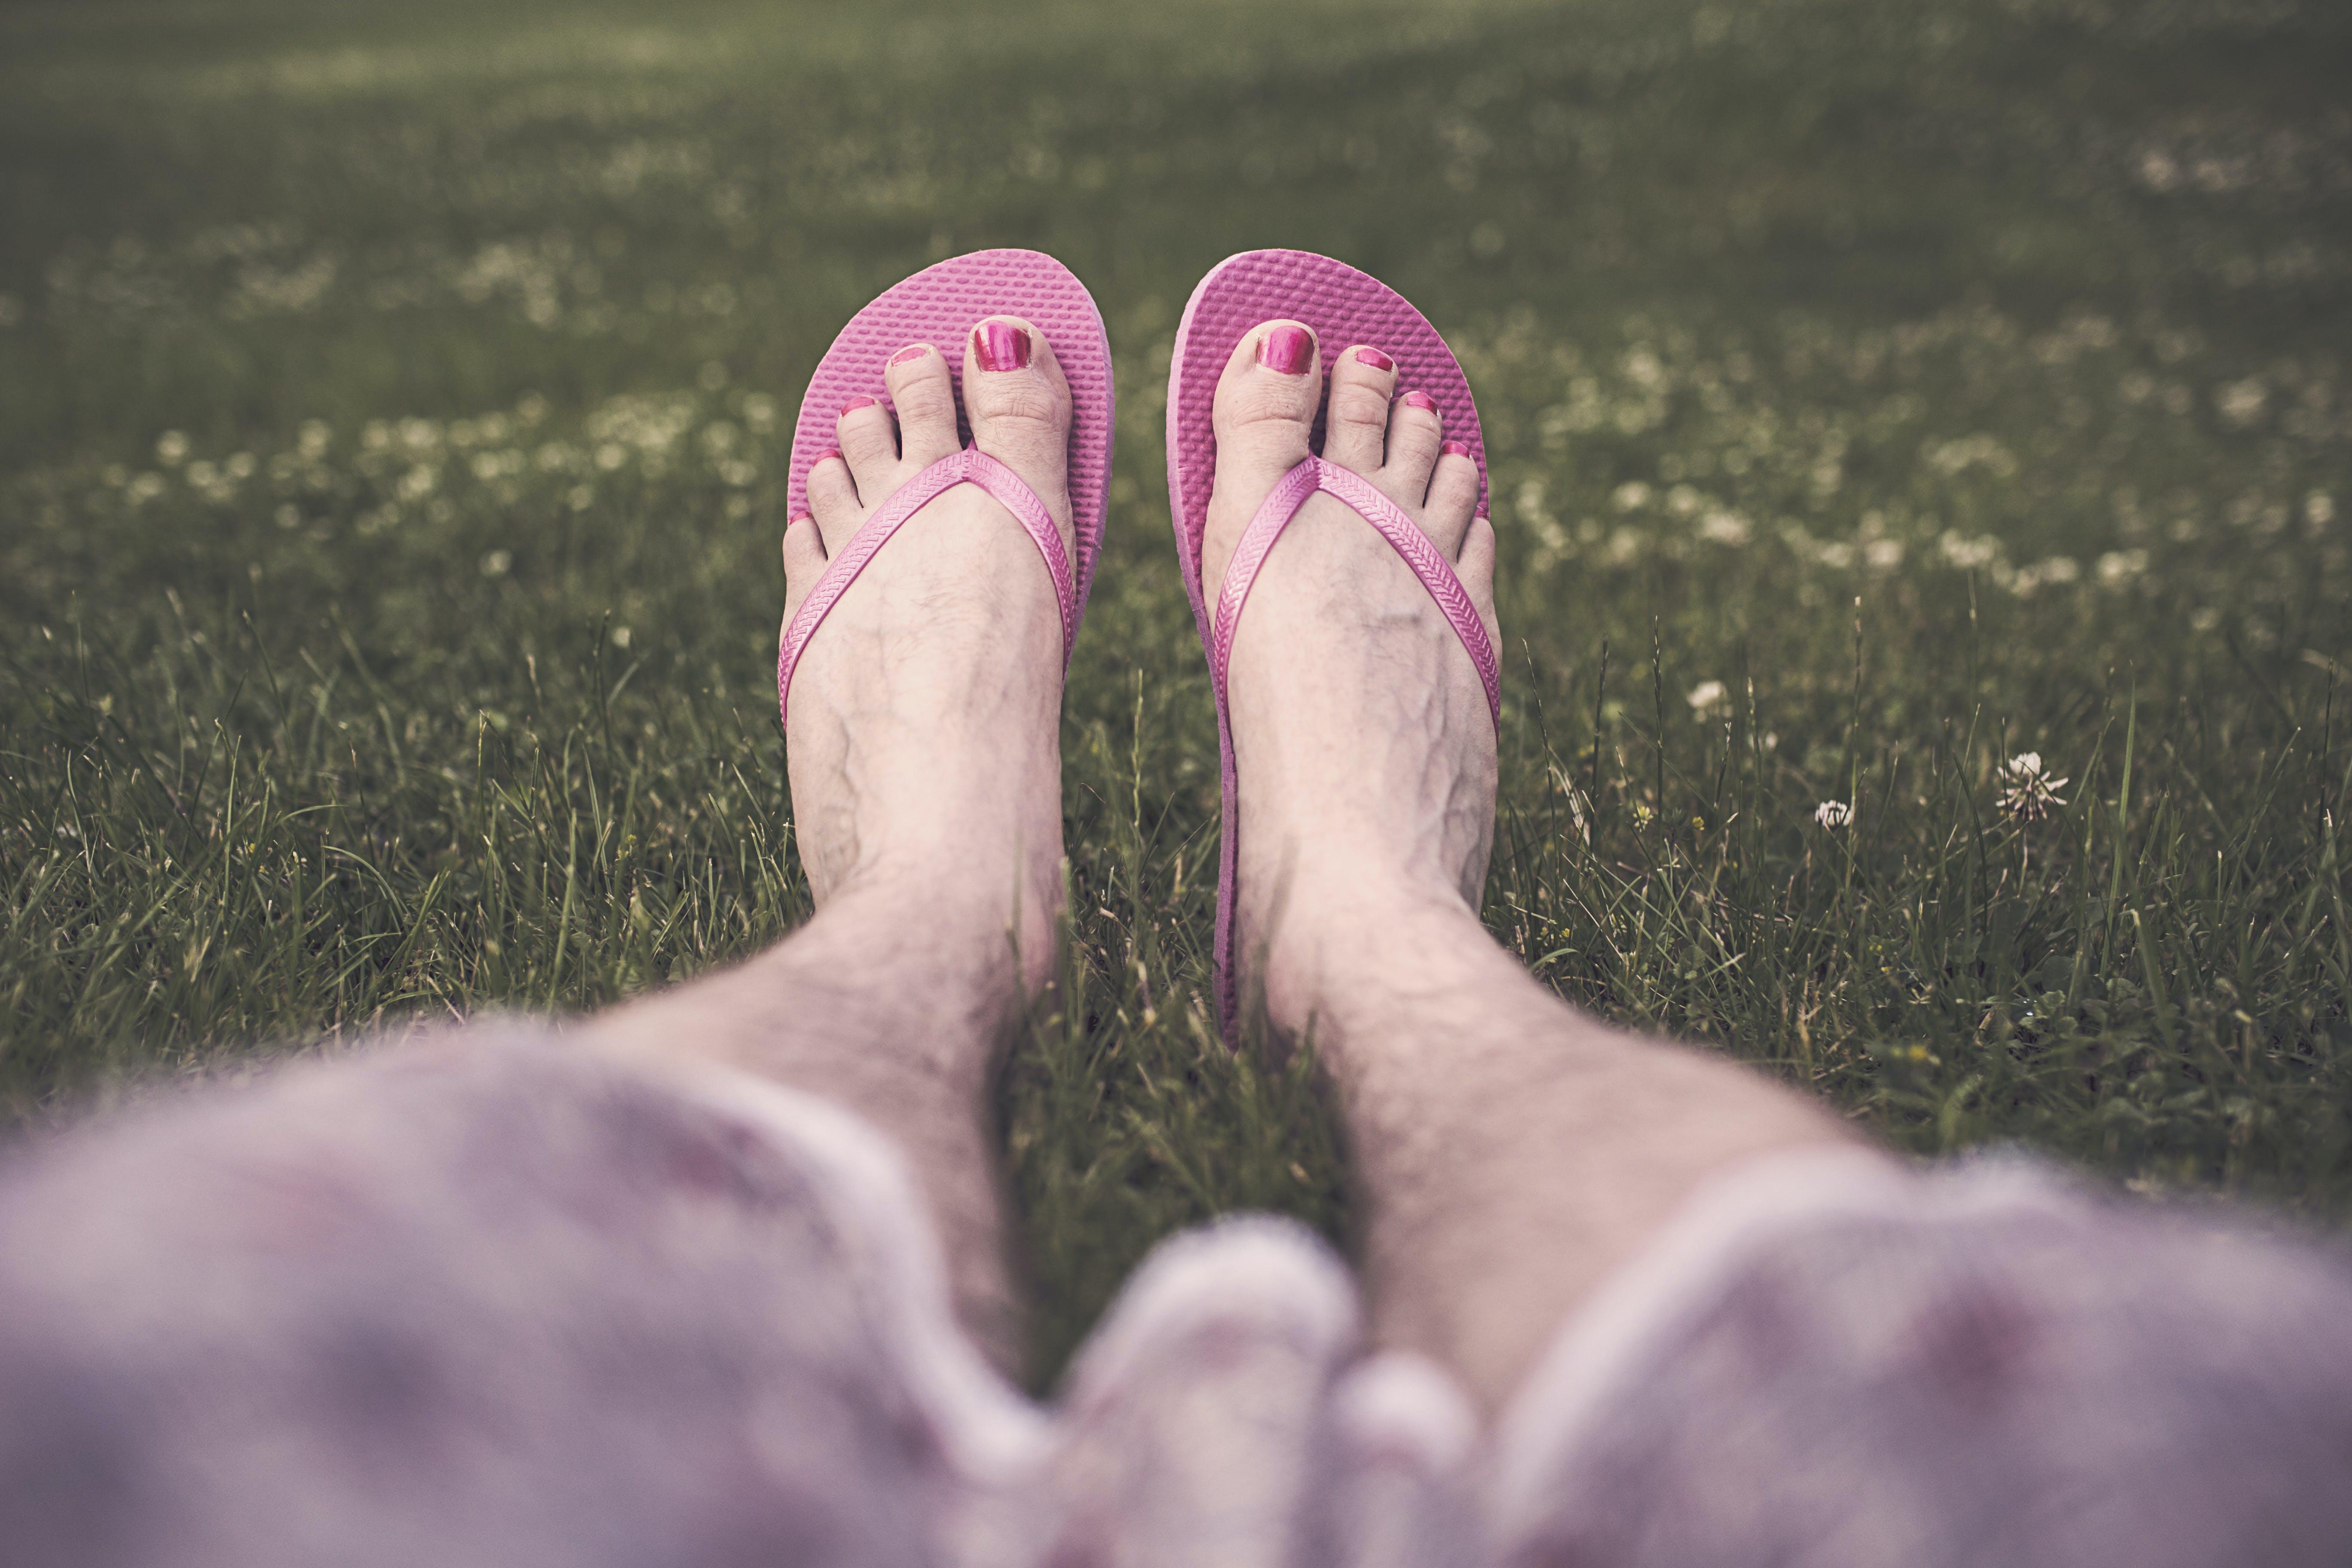 Kostenloses Stock Foto zu beine, chillen, cross-kleid, flip flops